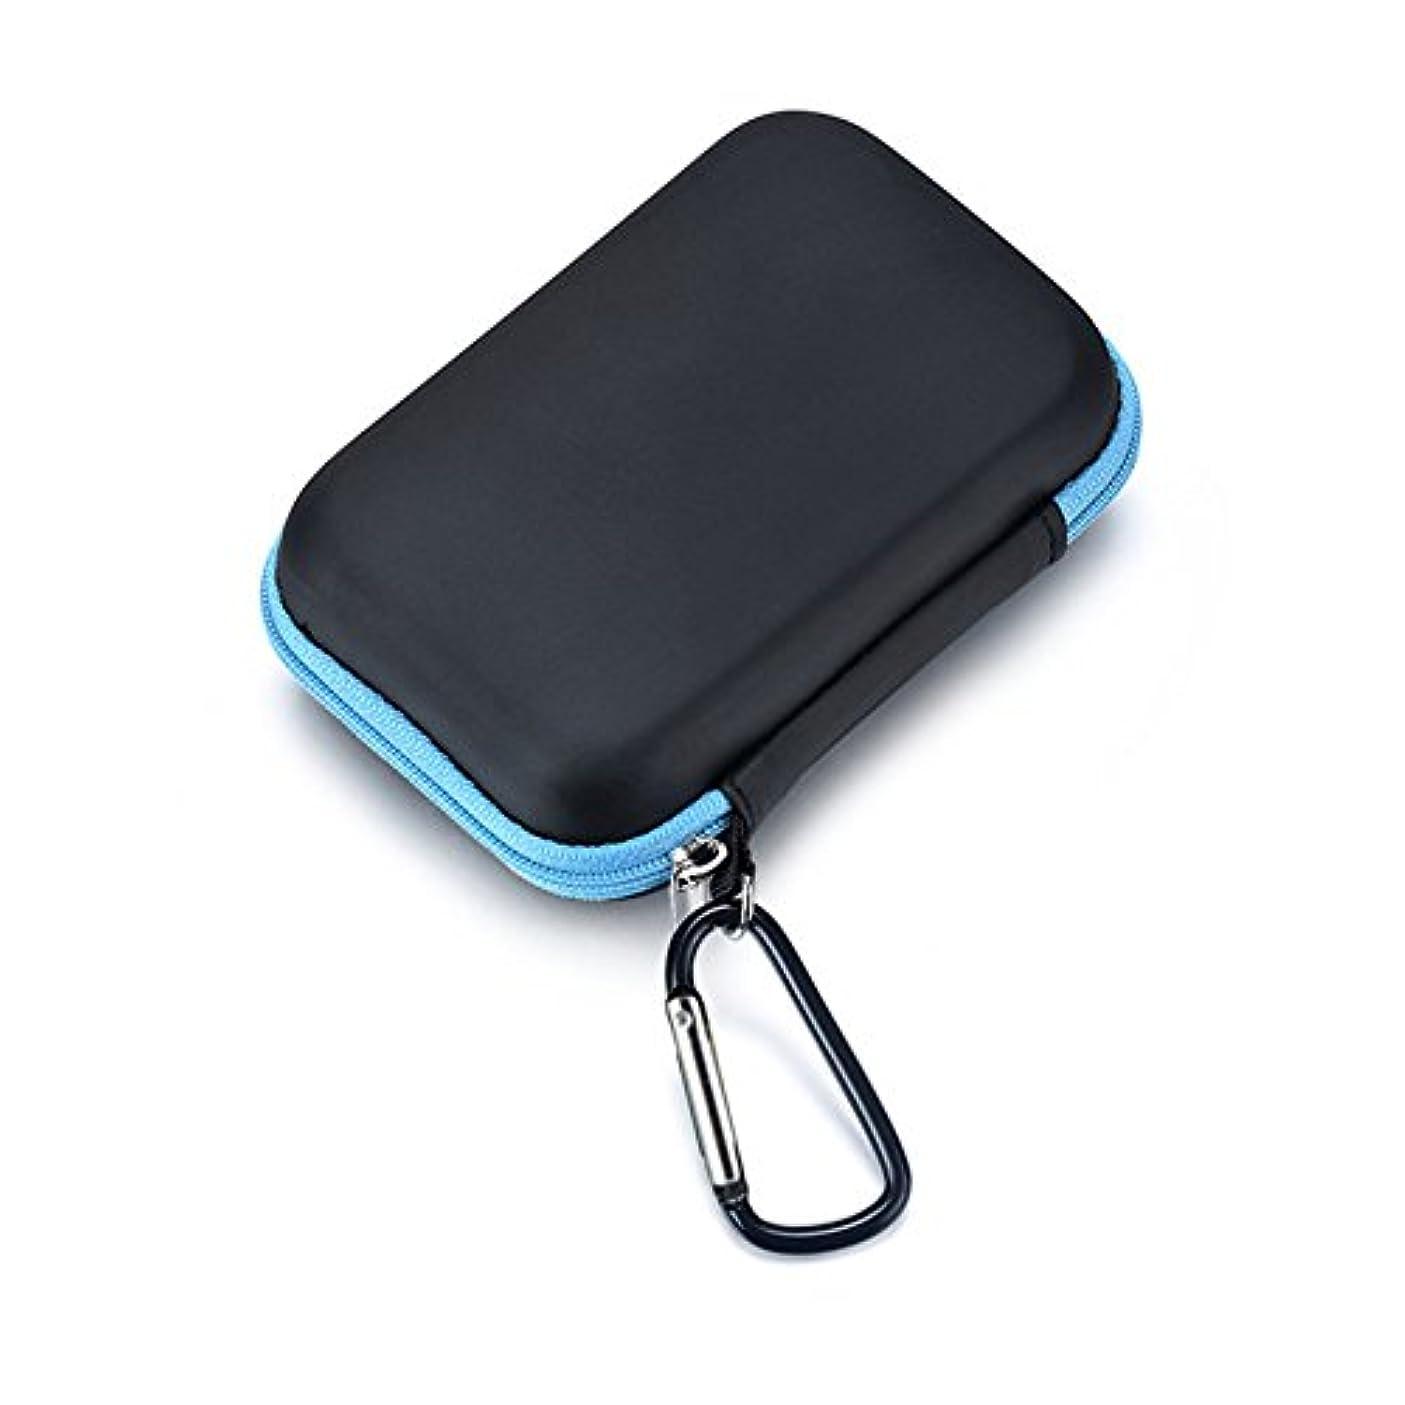 見分ける課税知性QIN 収納ケース ポーチ 携帯用バッグ ミニボトルケース 13.5 * 8.5 * 4.5cm 15本用